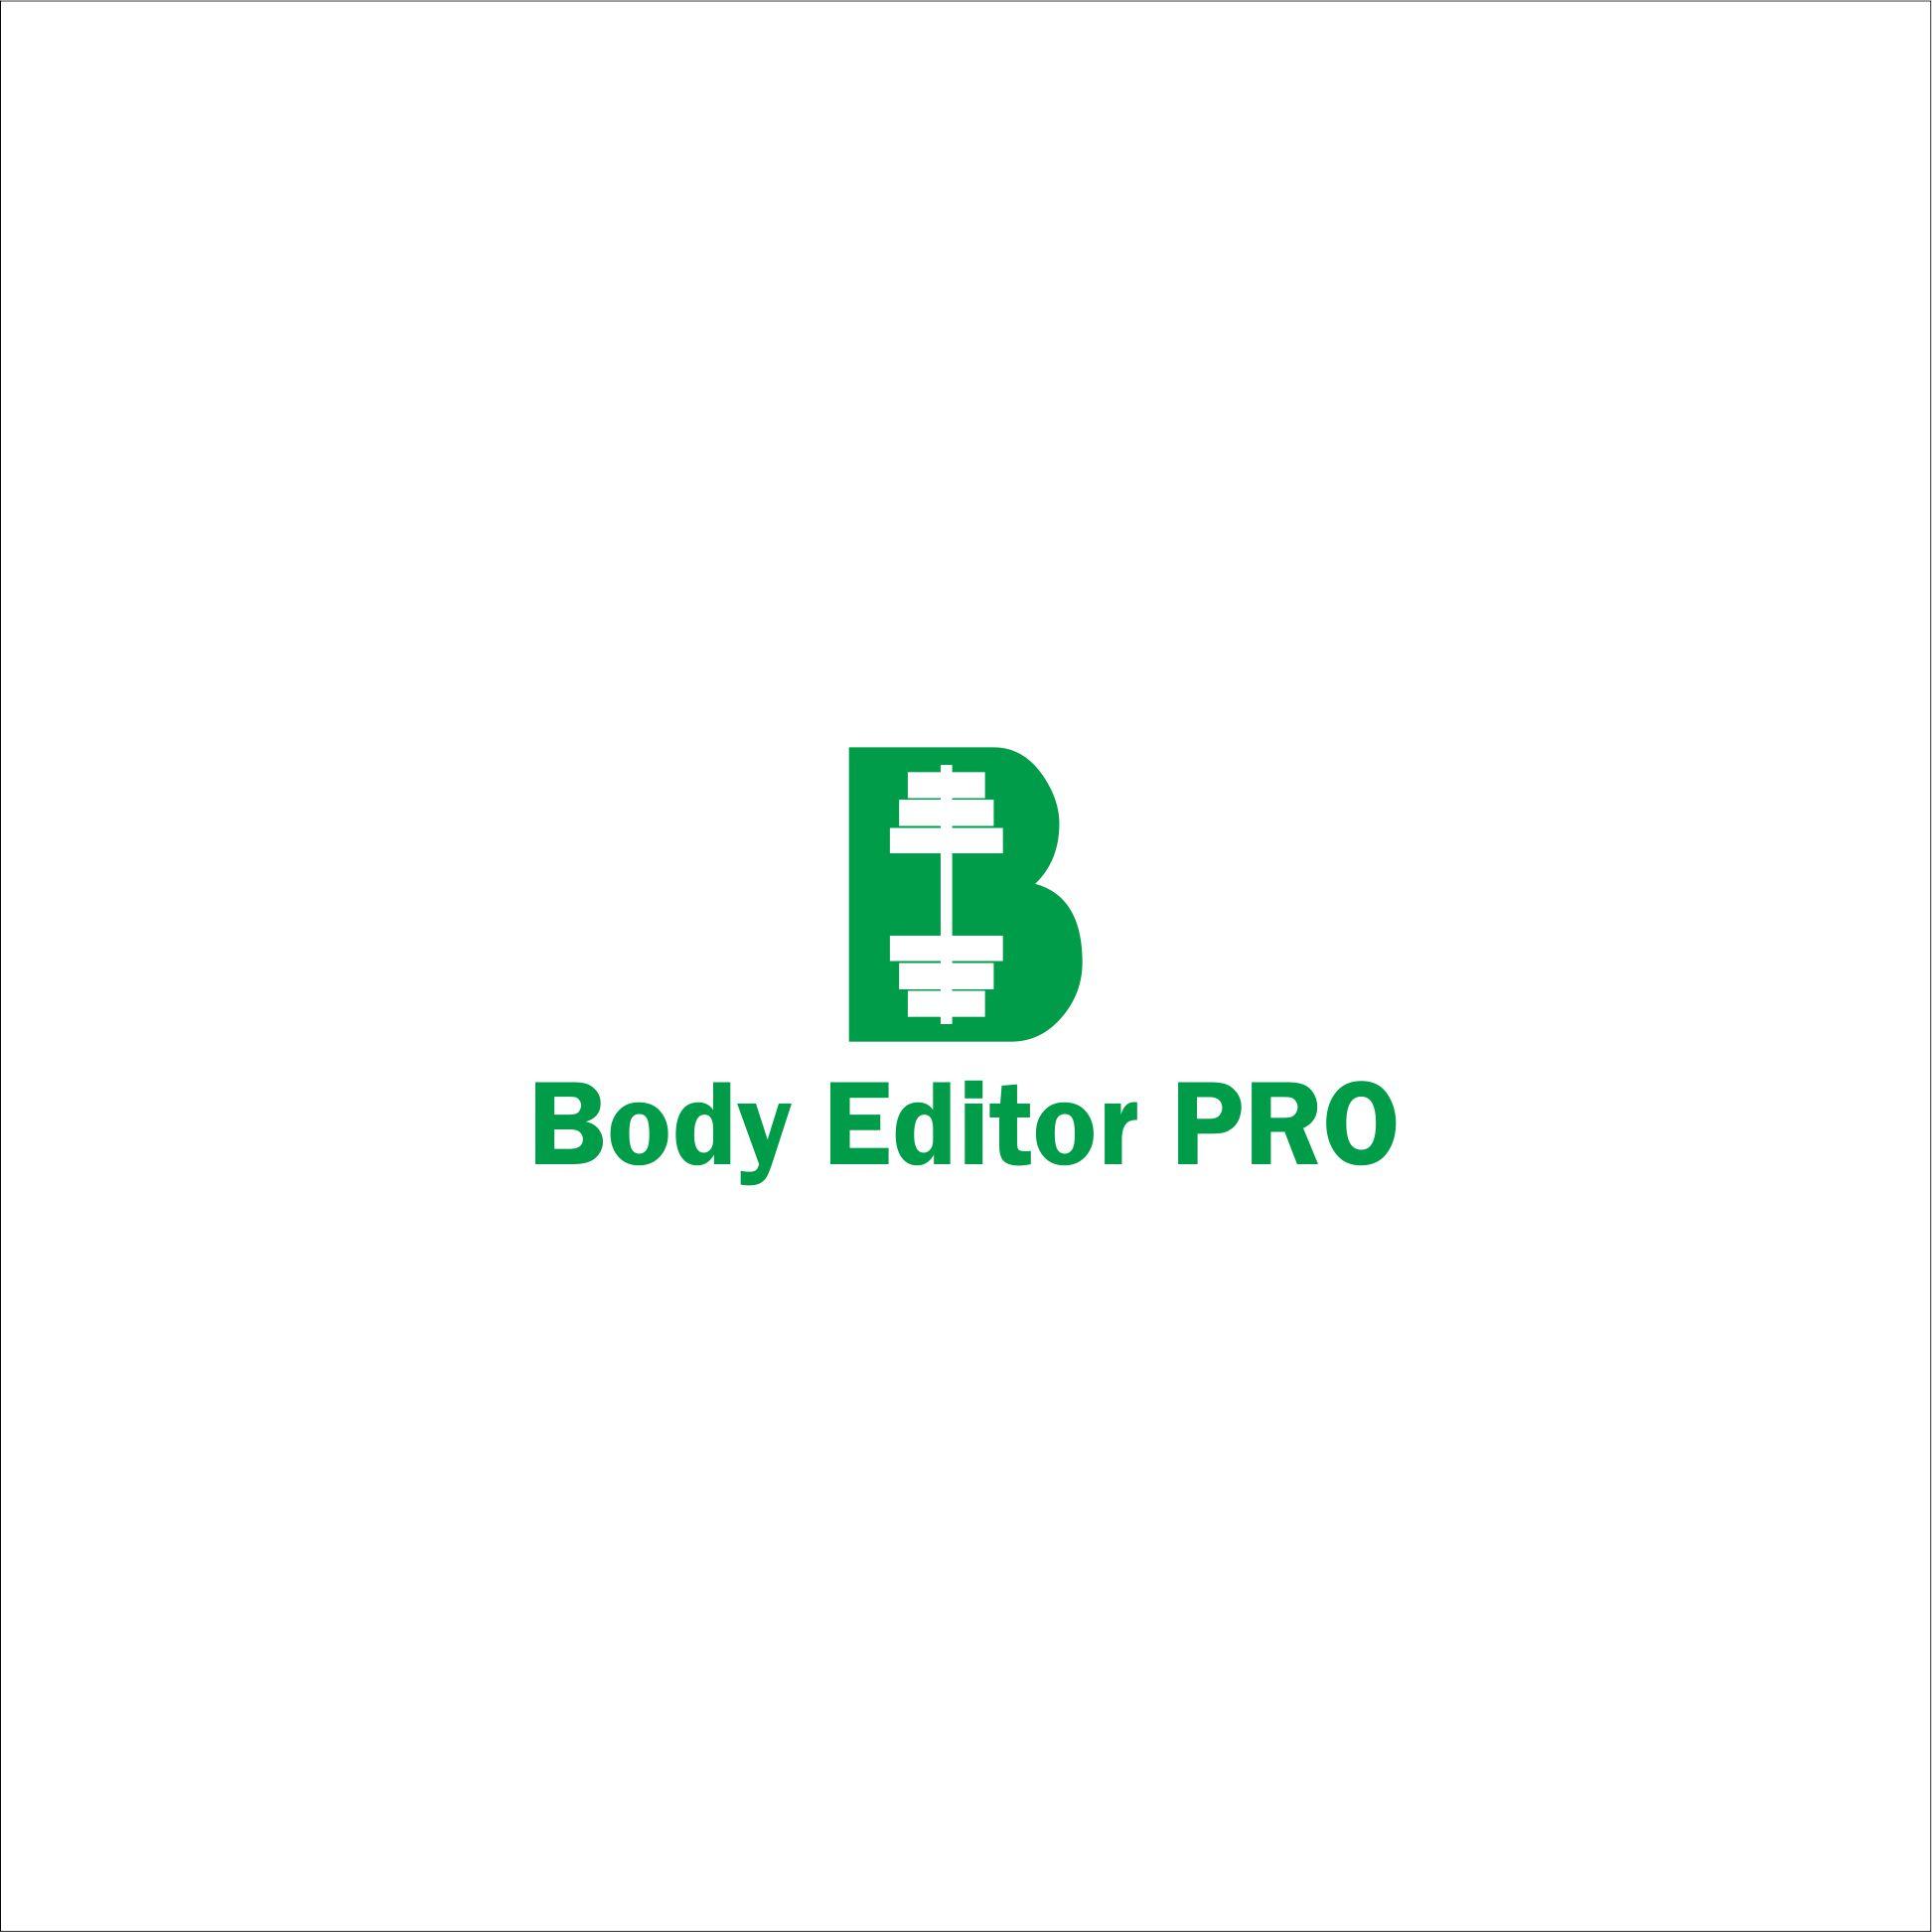 Лого+символ для марки Спортивного питания фото f_3685971f03028432.jpg